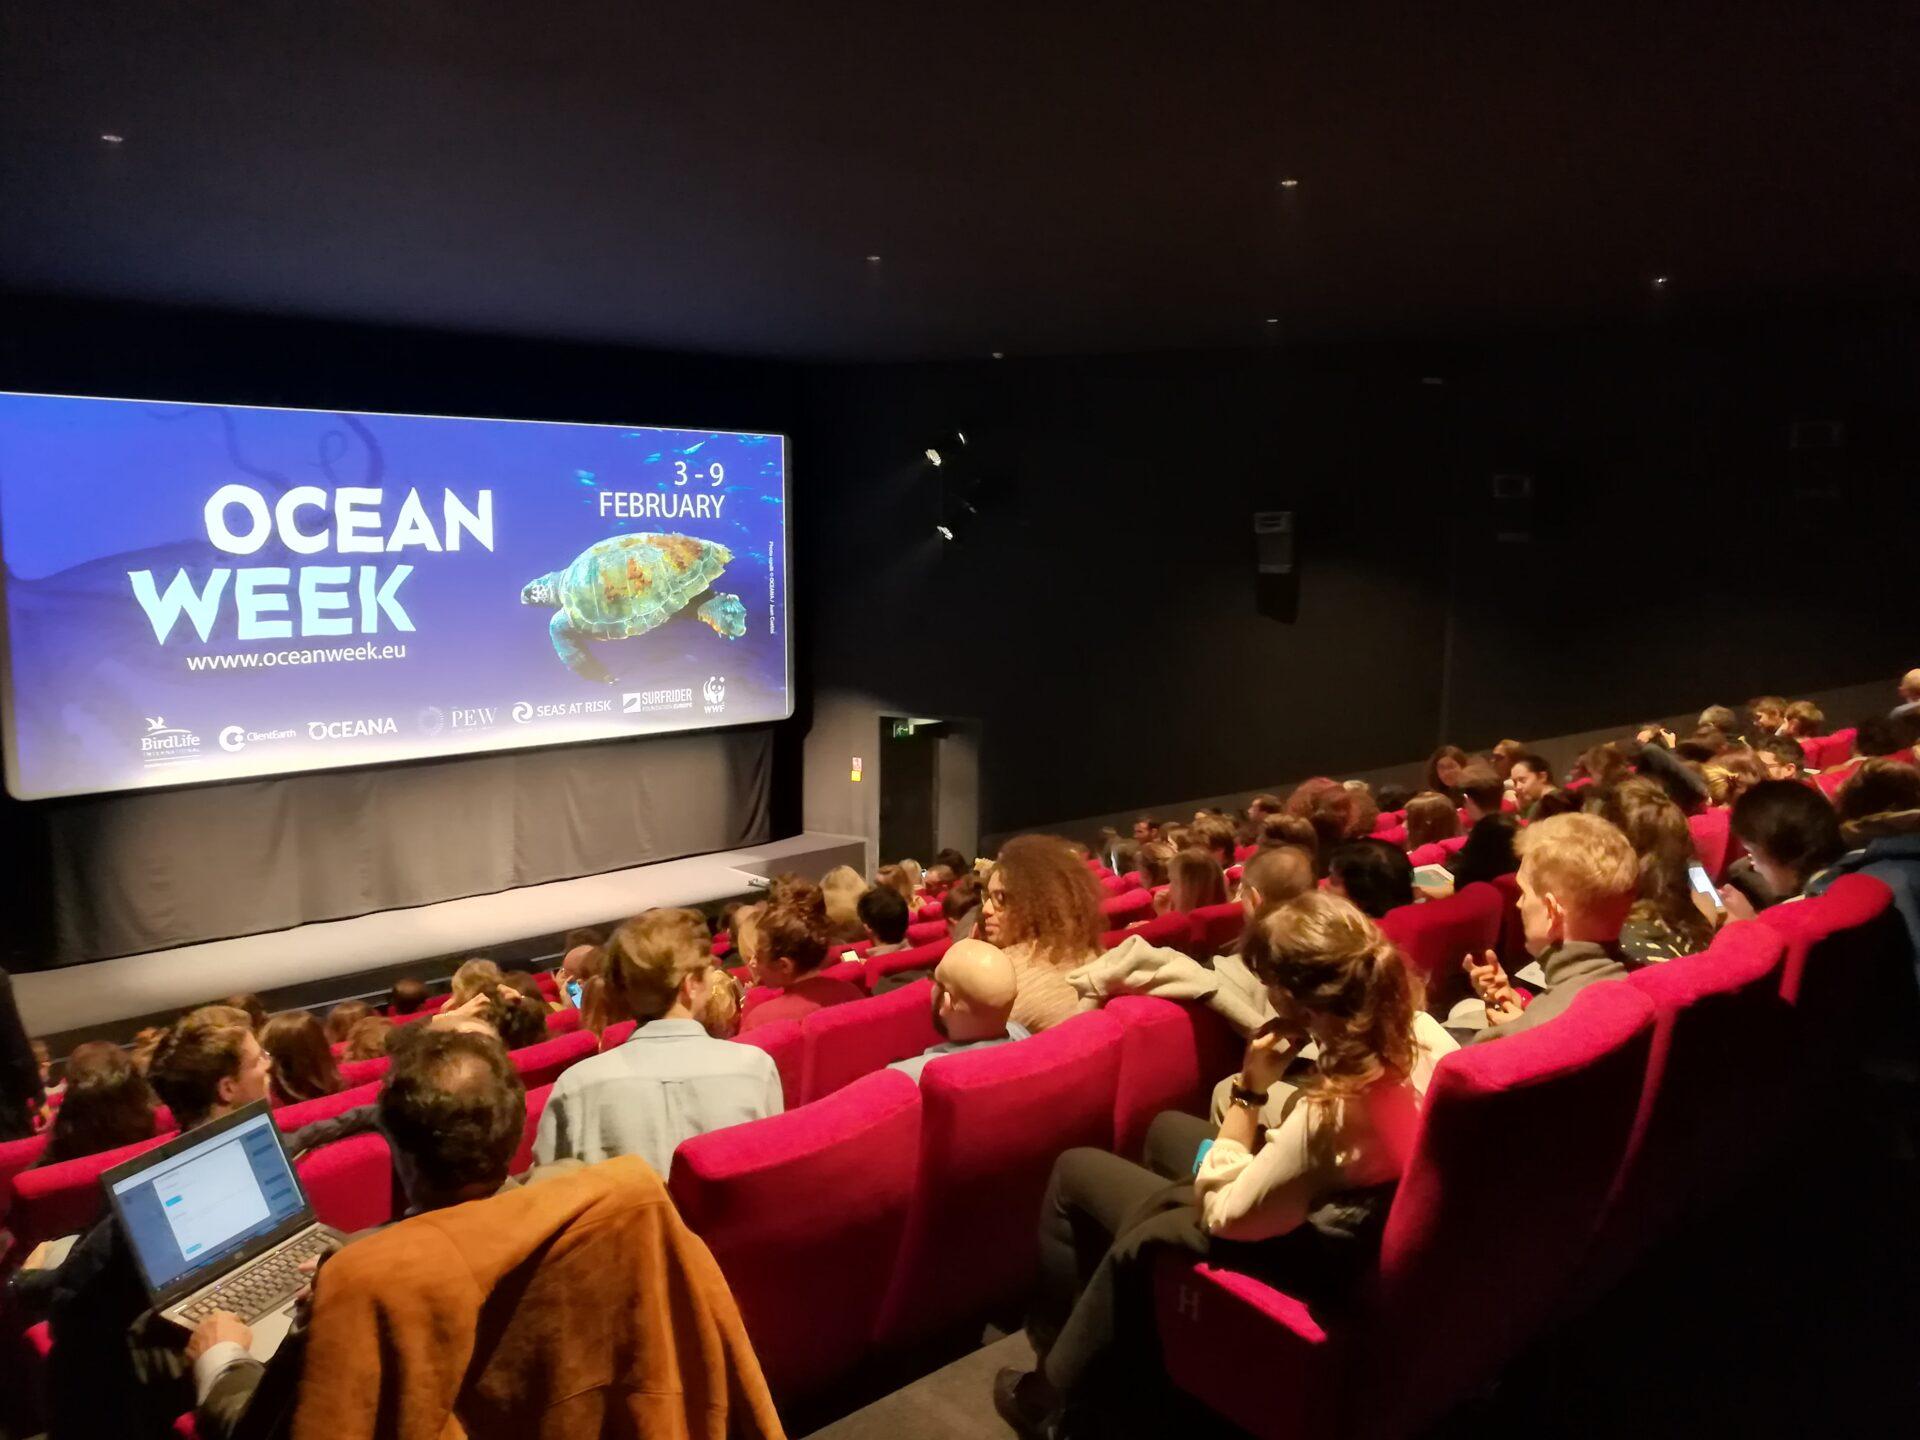 OceanWeek screening